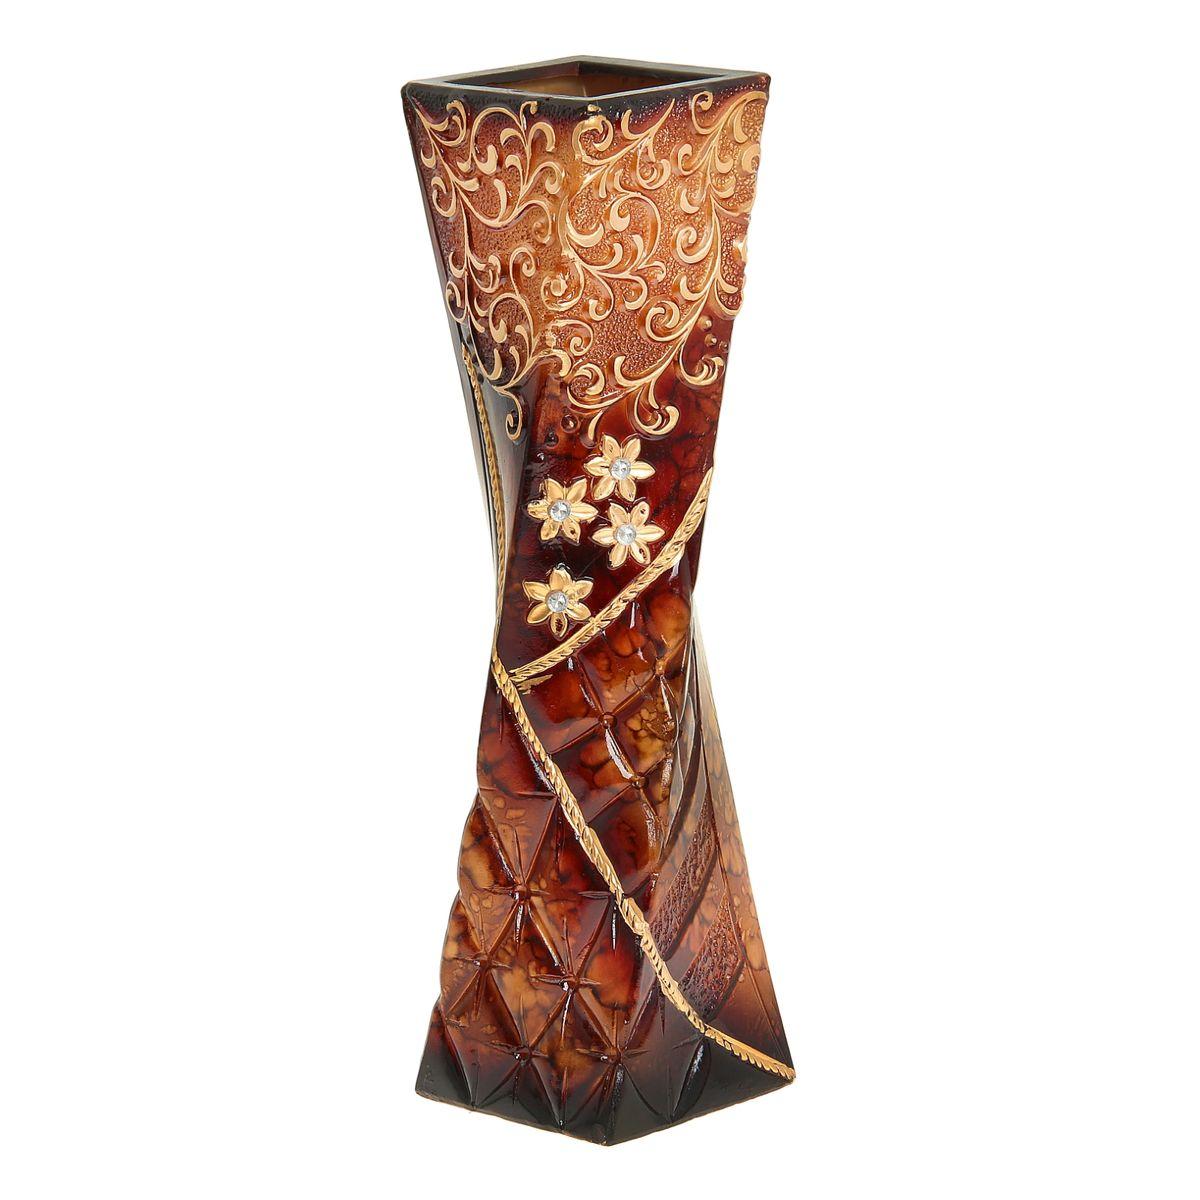 Ваза напольная Sima-land Цветочные кружева, высота 60 см912909Напольная ваза Sima-land Цветочные кружева, выполненная из керамики, станет изысканным украшением интерьера. Она предназначена как для живых, так и для искусственных цветов. Интересная форма и необычное оформление сделают эту вазу замечательным украшением интерьера. Любое помещение выглядит незавершенным без правильно расположенных предметов интерьера. Они помогают создать уют, расставить акценты, подчеркнуть достоинства или скрыть недостатки.